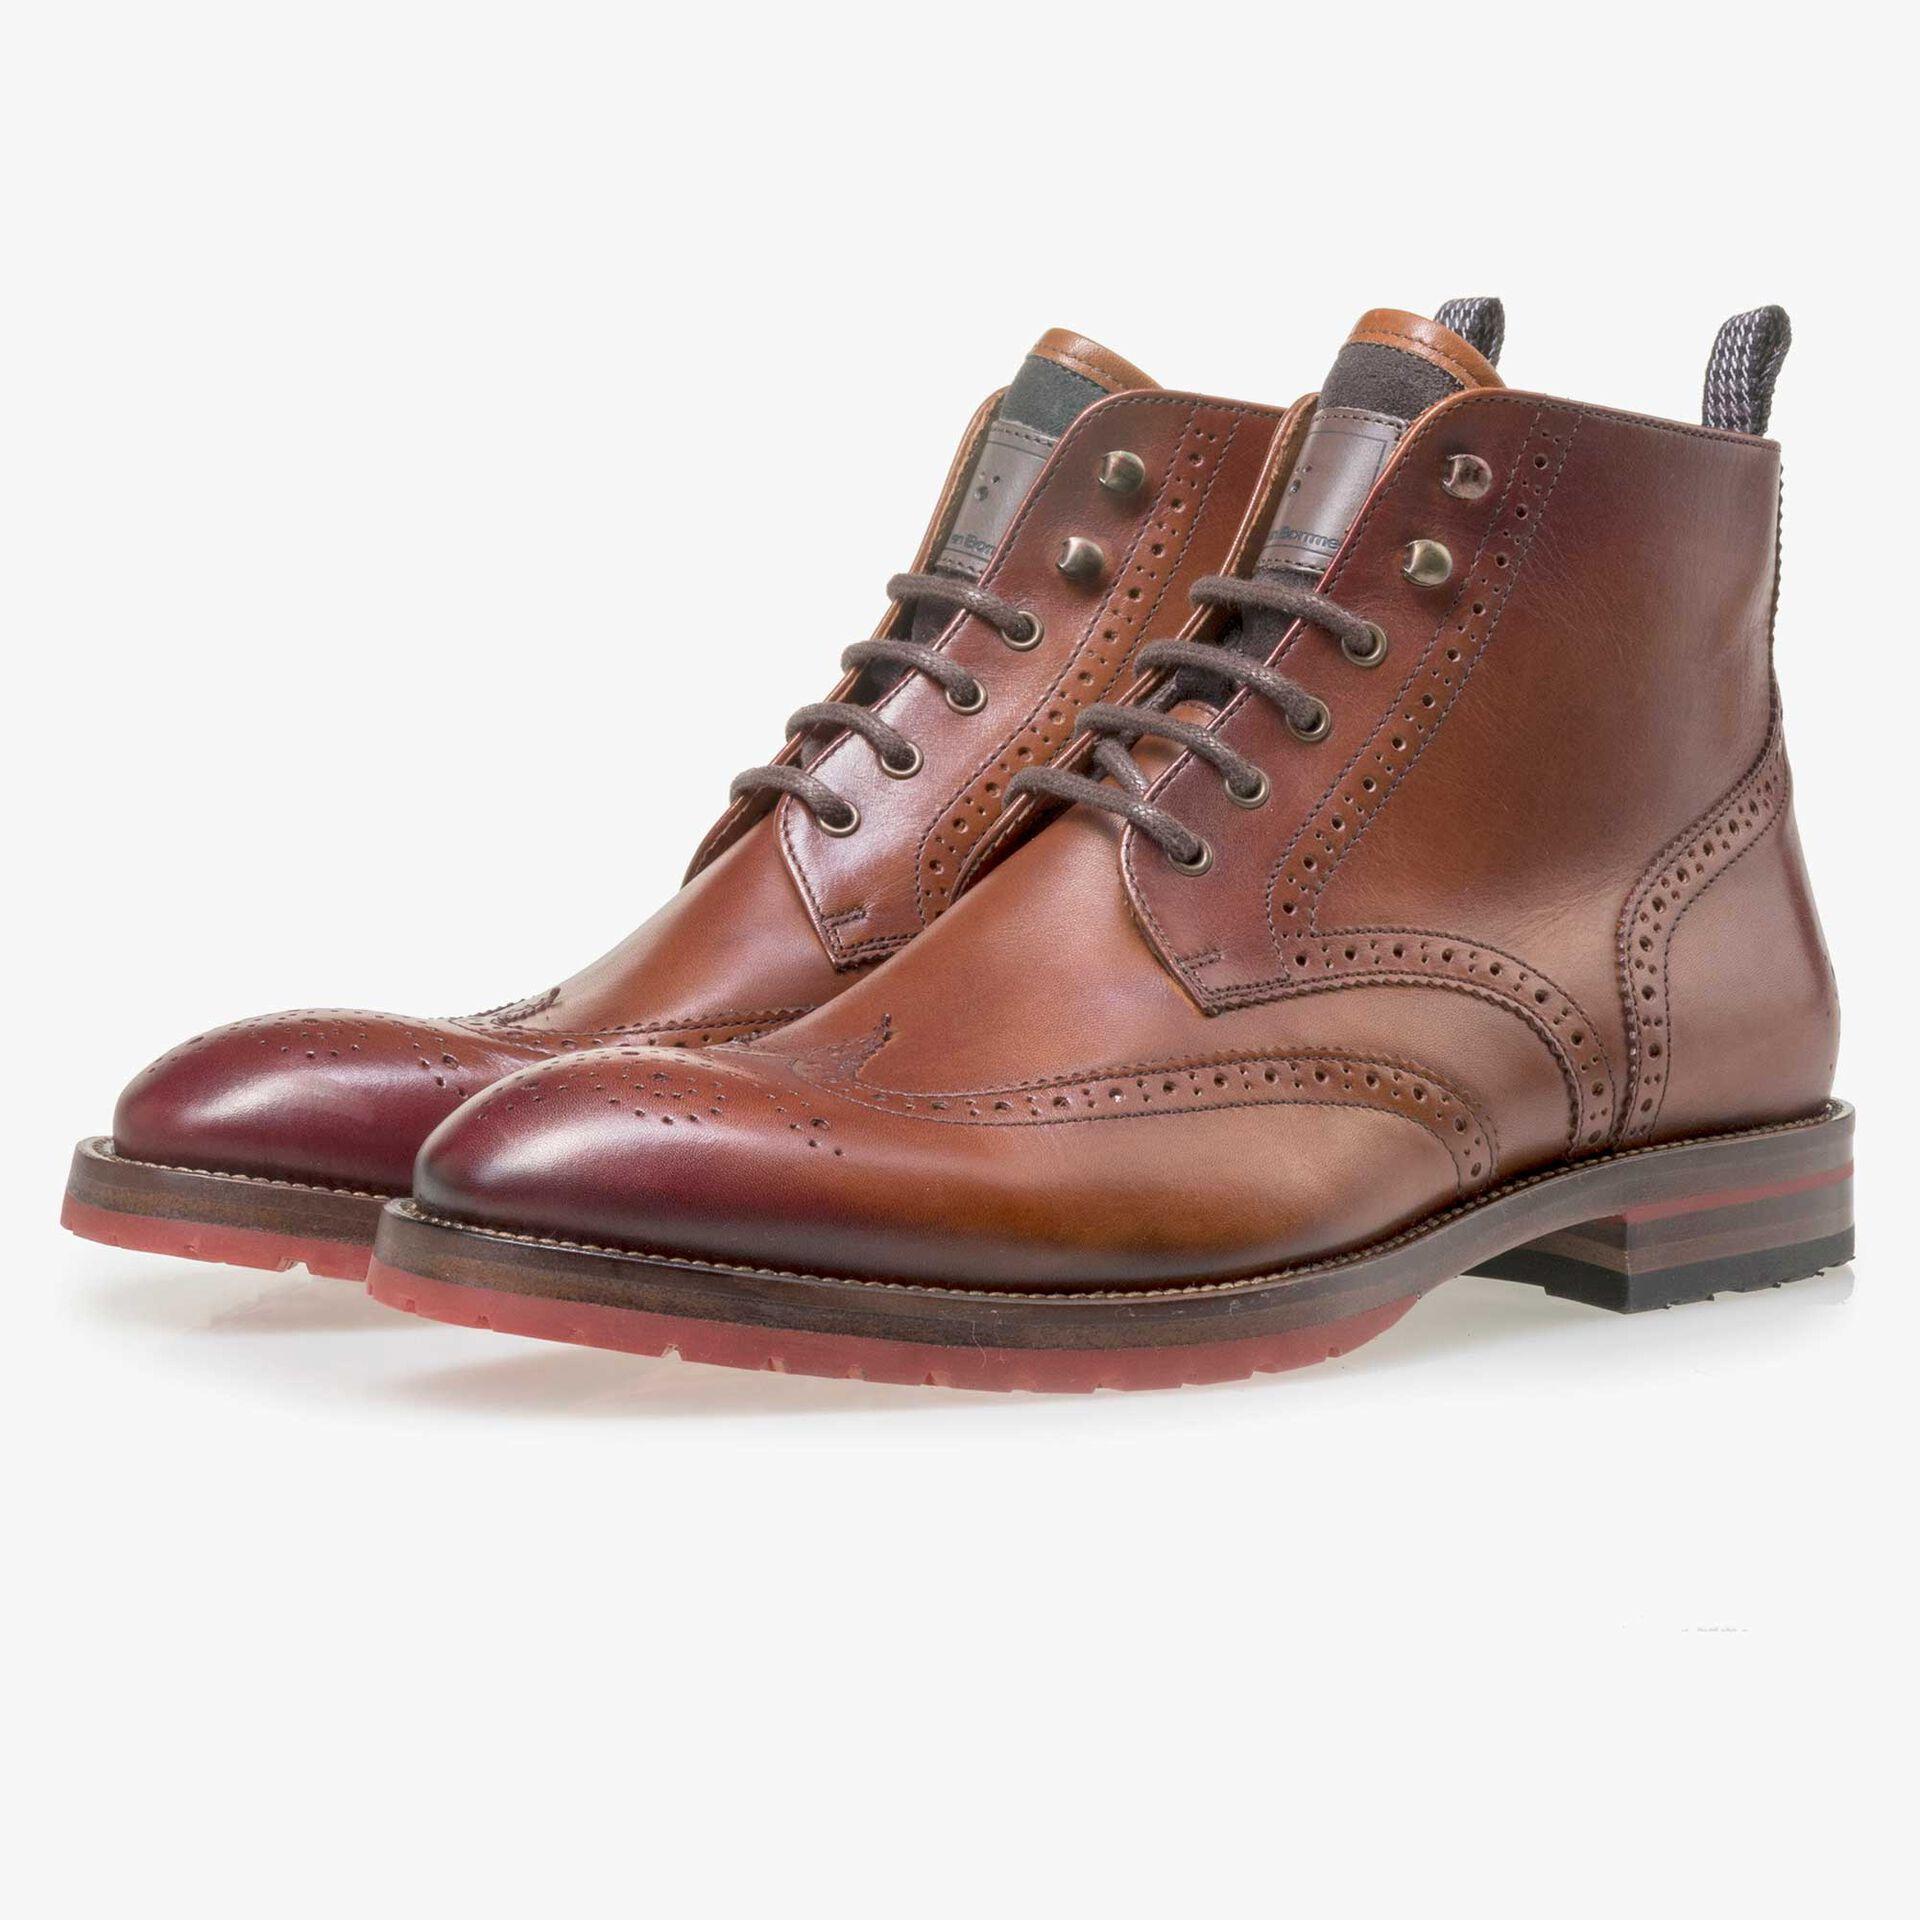 Floris van Bommel men's cognac-coloured brogue leather lace boot